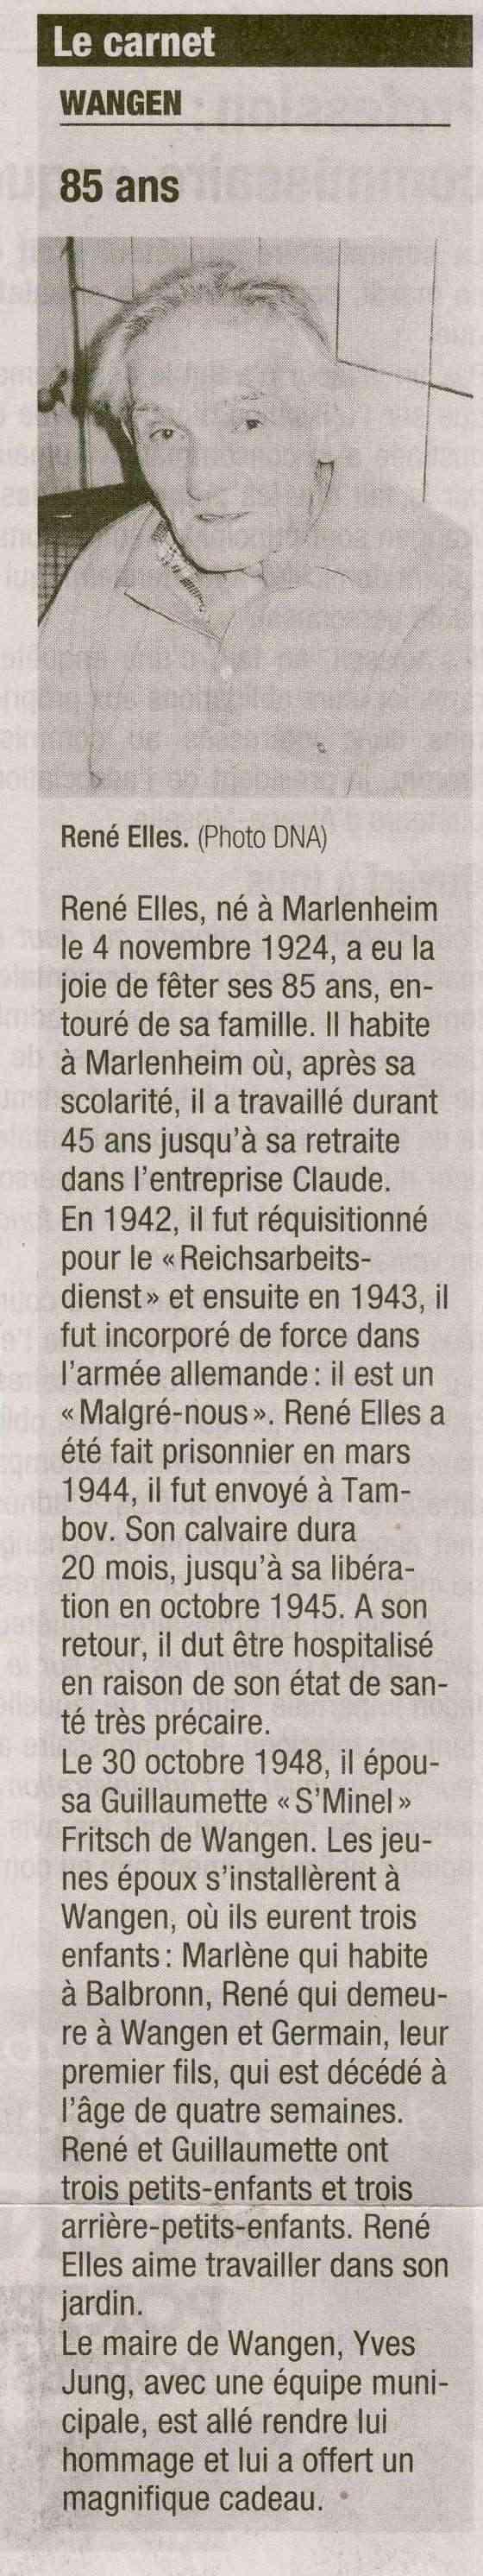 85 bougies pour Monsieur René Elles Image039